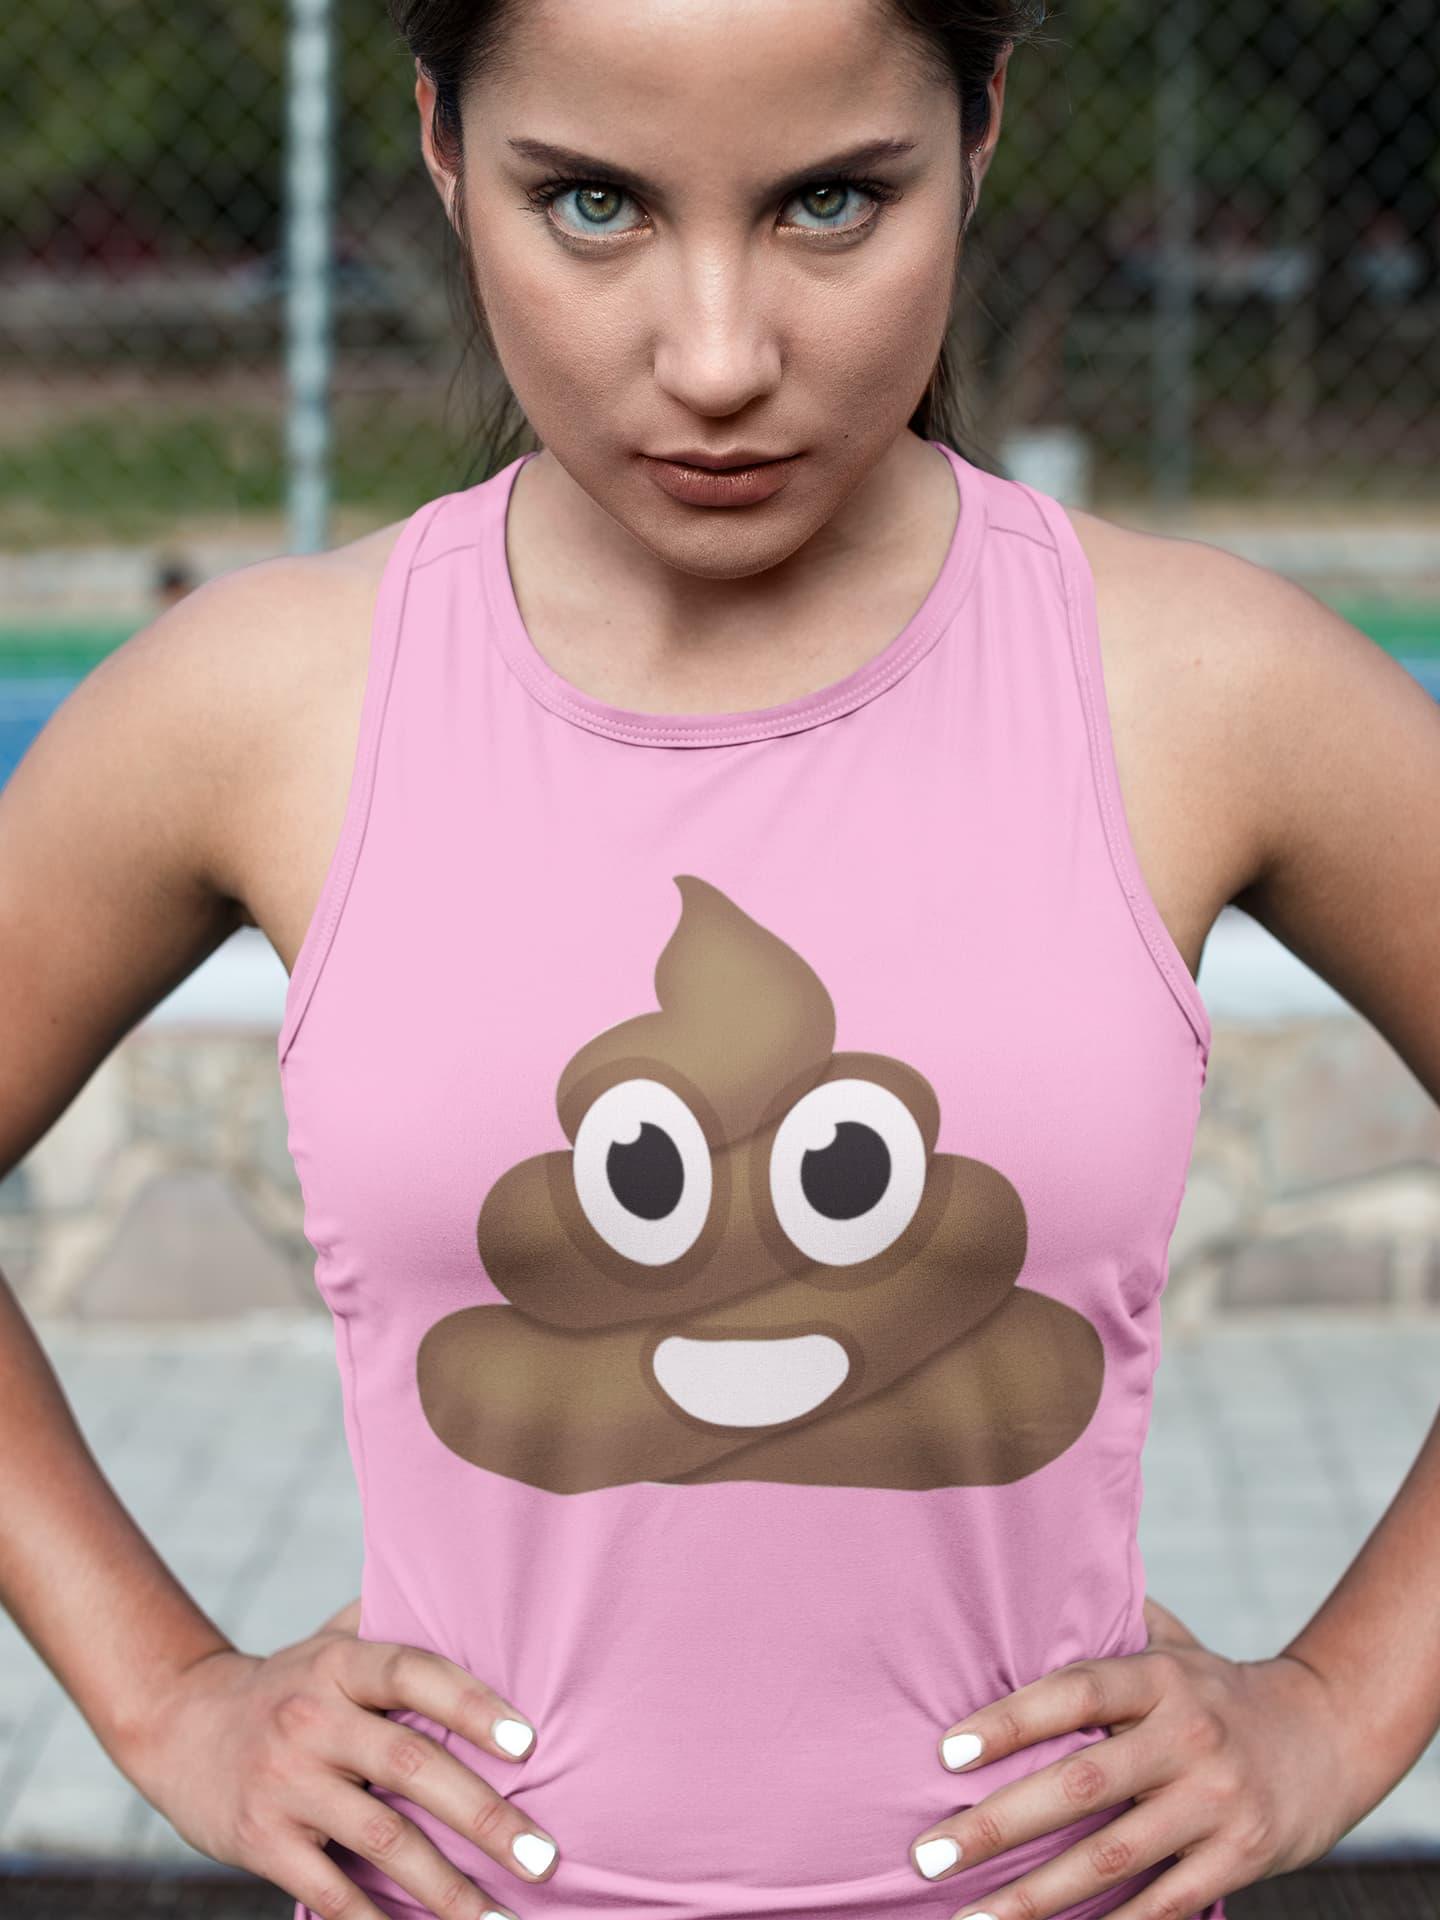 The Poop Emoji Cake 2